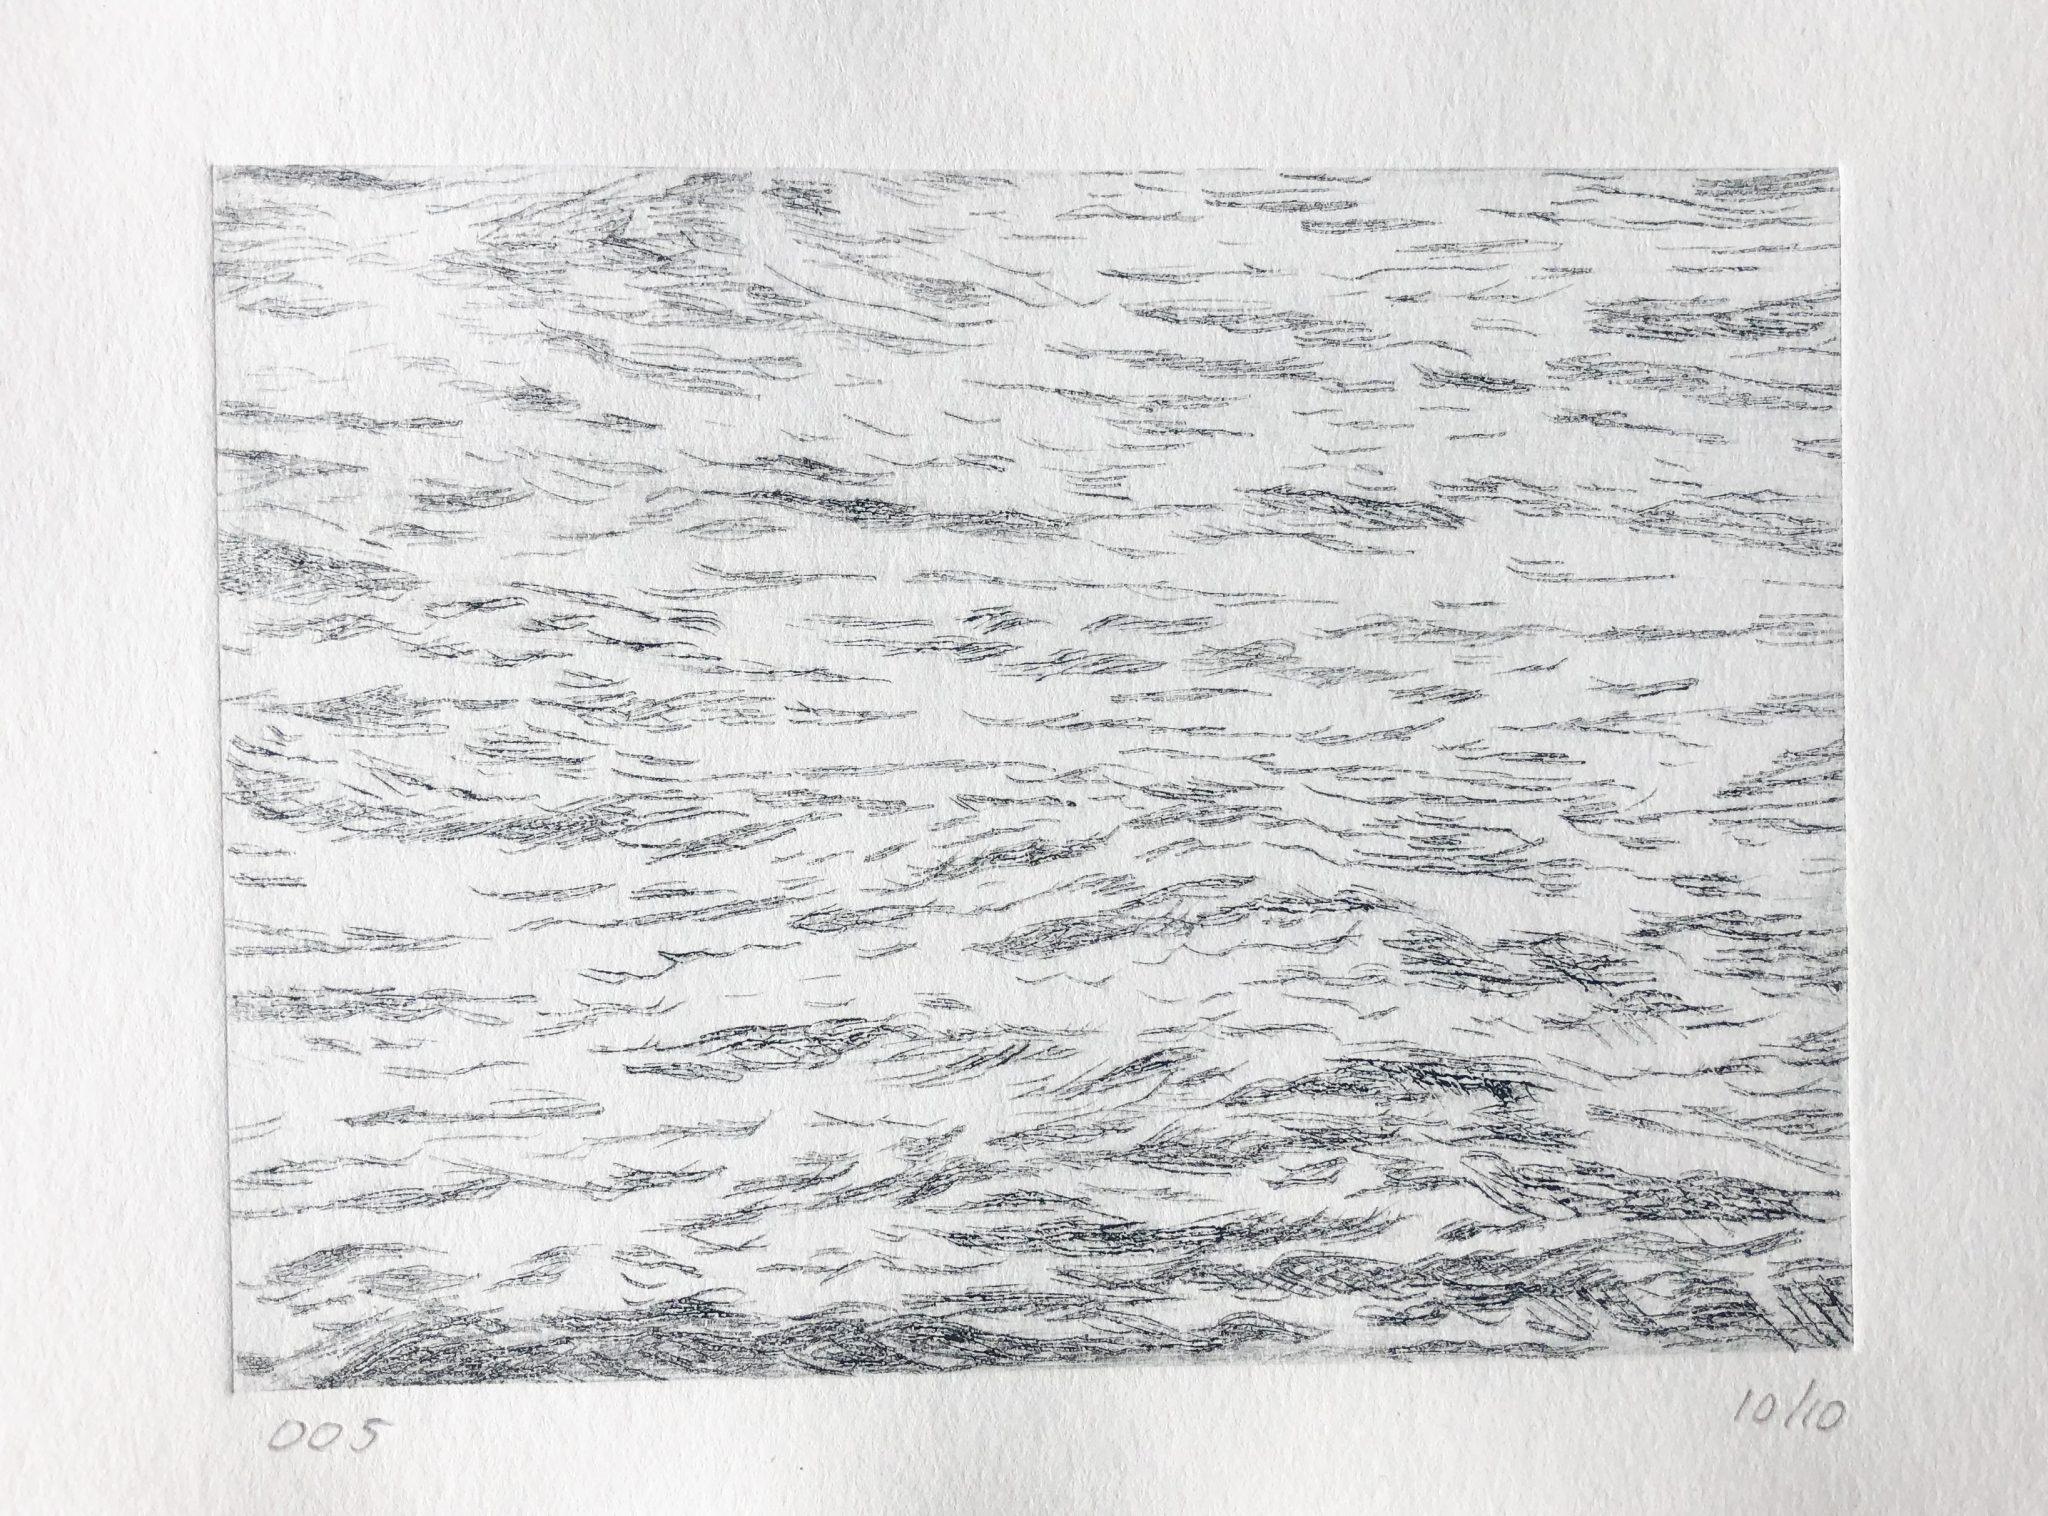 Marine Corinne Vorwerk Smaal Artwork 005